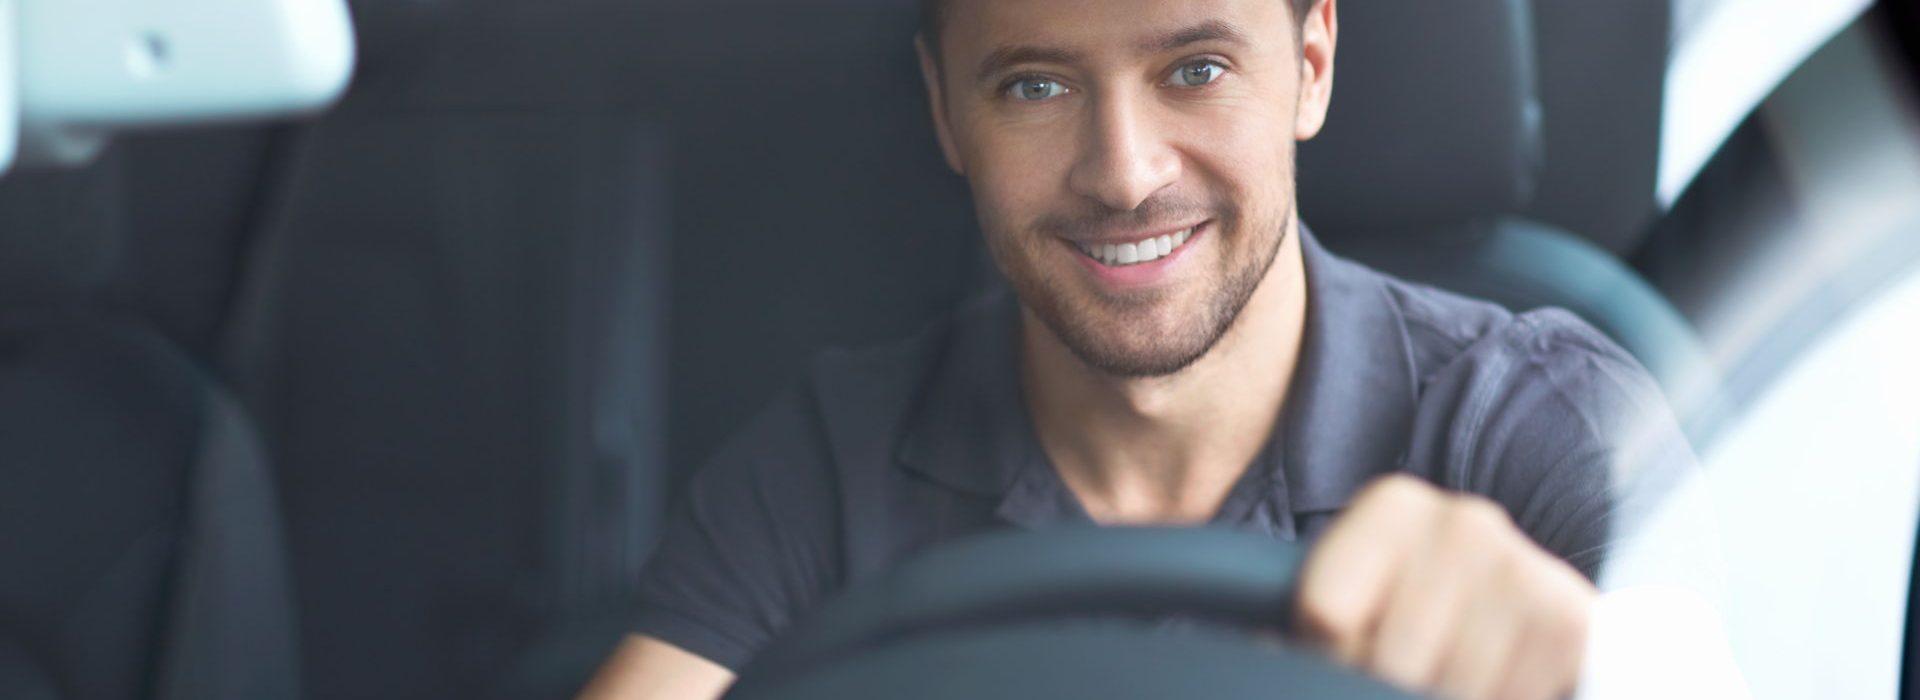 Studentchauffeur in auto achter het stuur